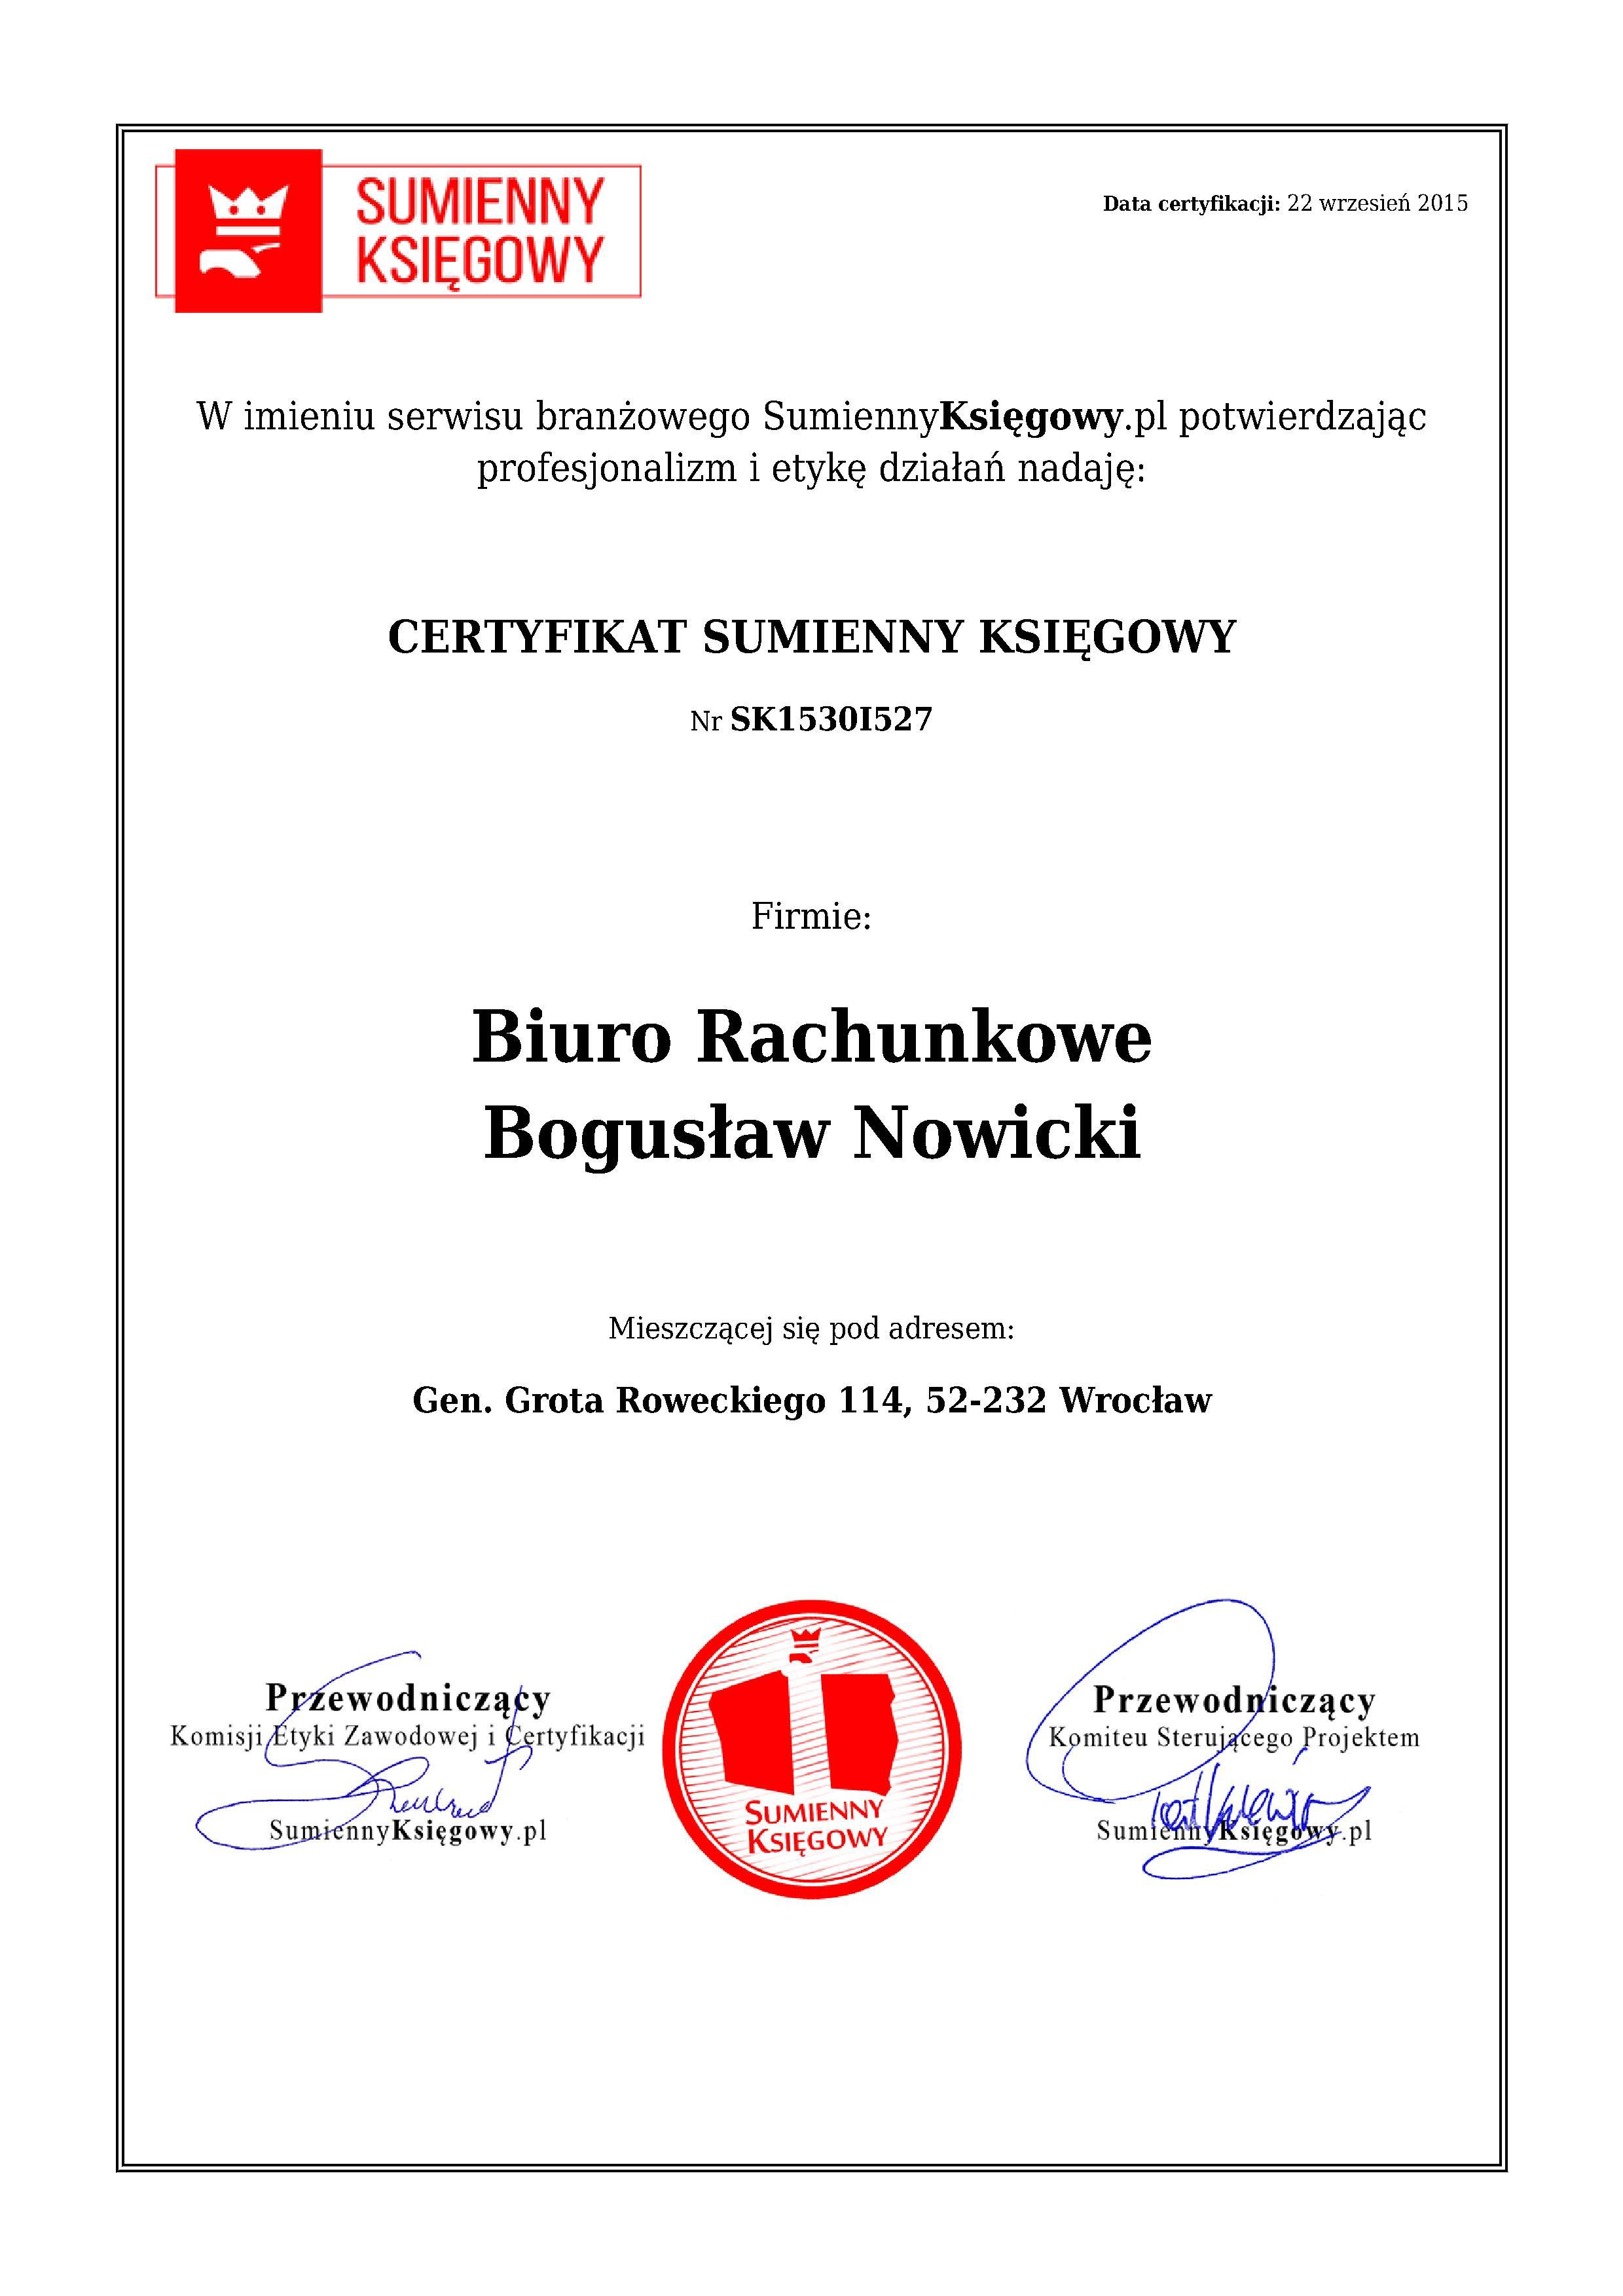 Certyfikat Biuro Rachunkowe Bogusław Nowicki